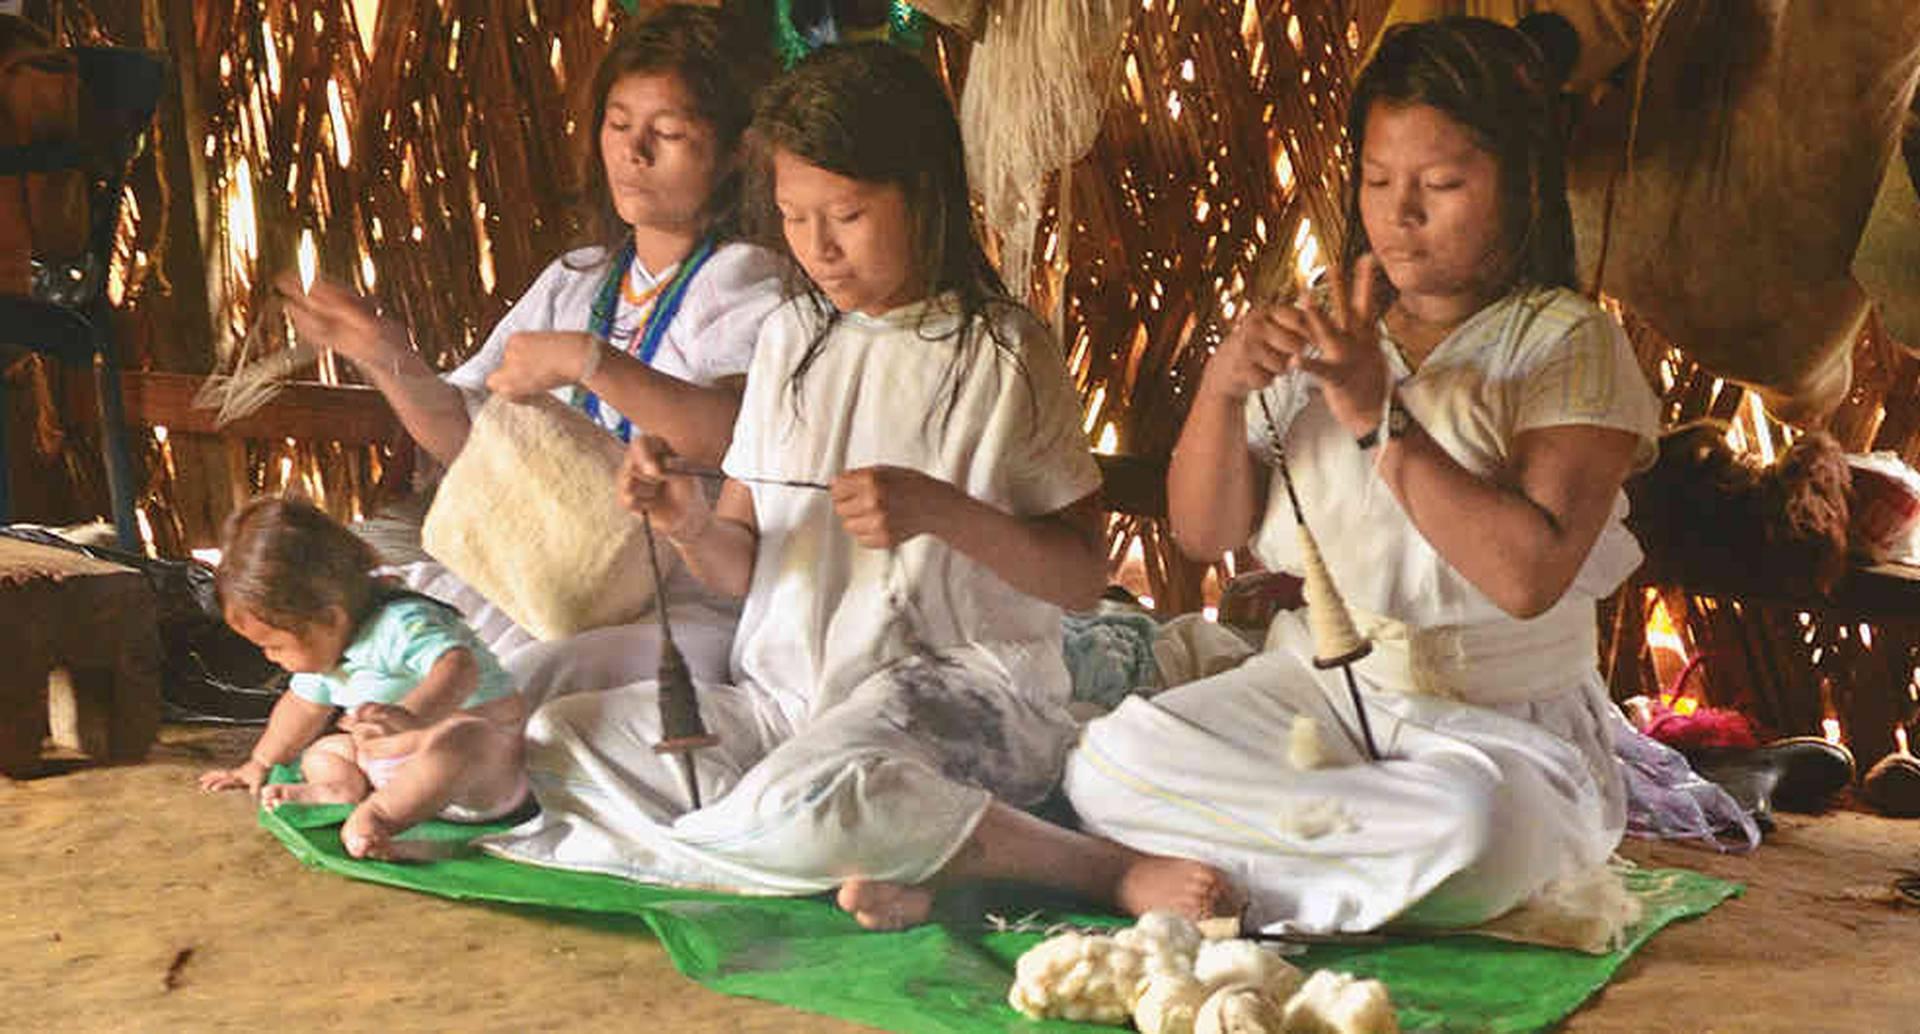 La elaboración de mochilas es una de las tradiciones más características de los pueblos indígenas que habitan la Sierra Nevada, como los arhuacos.